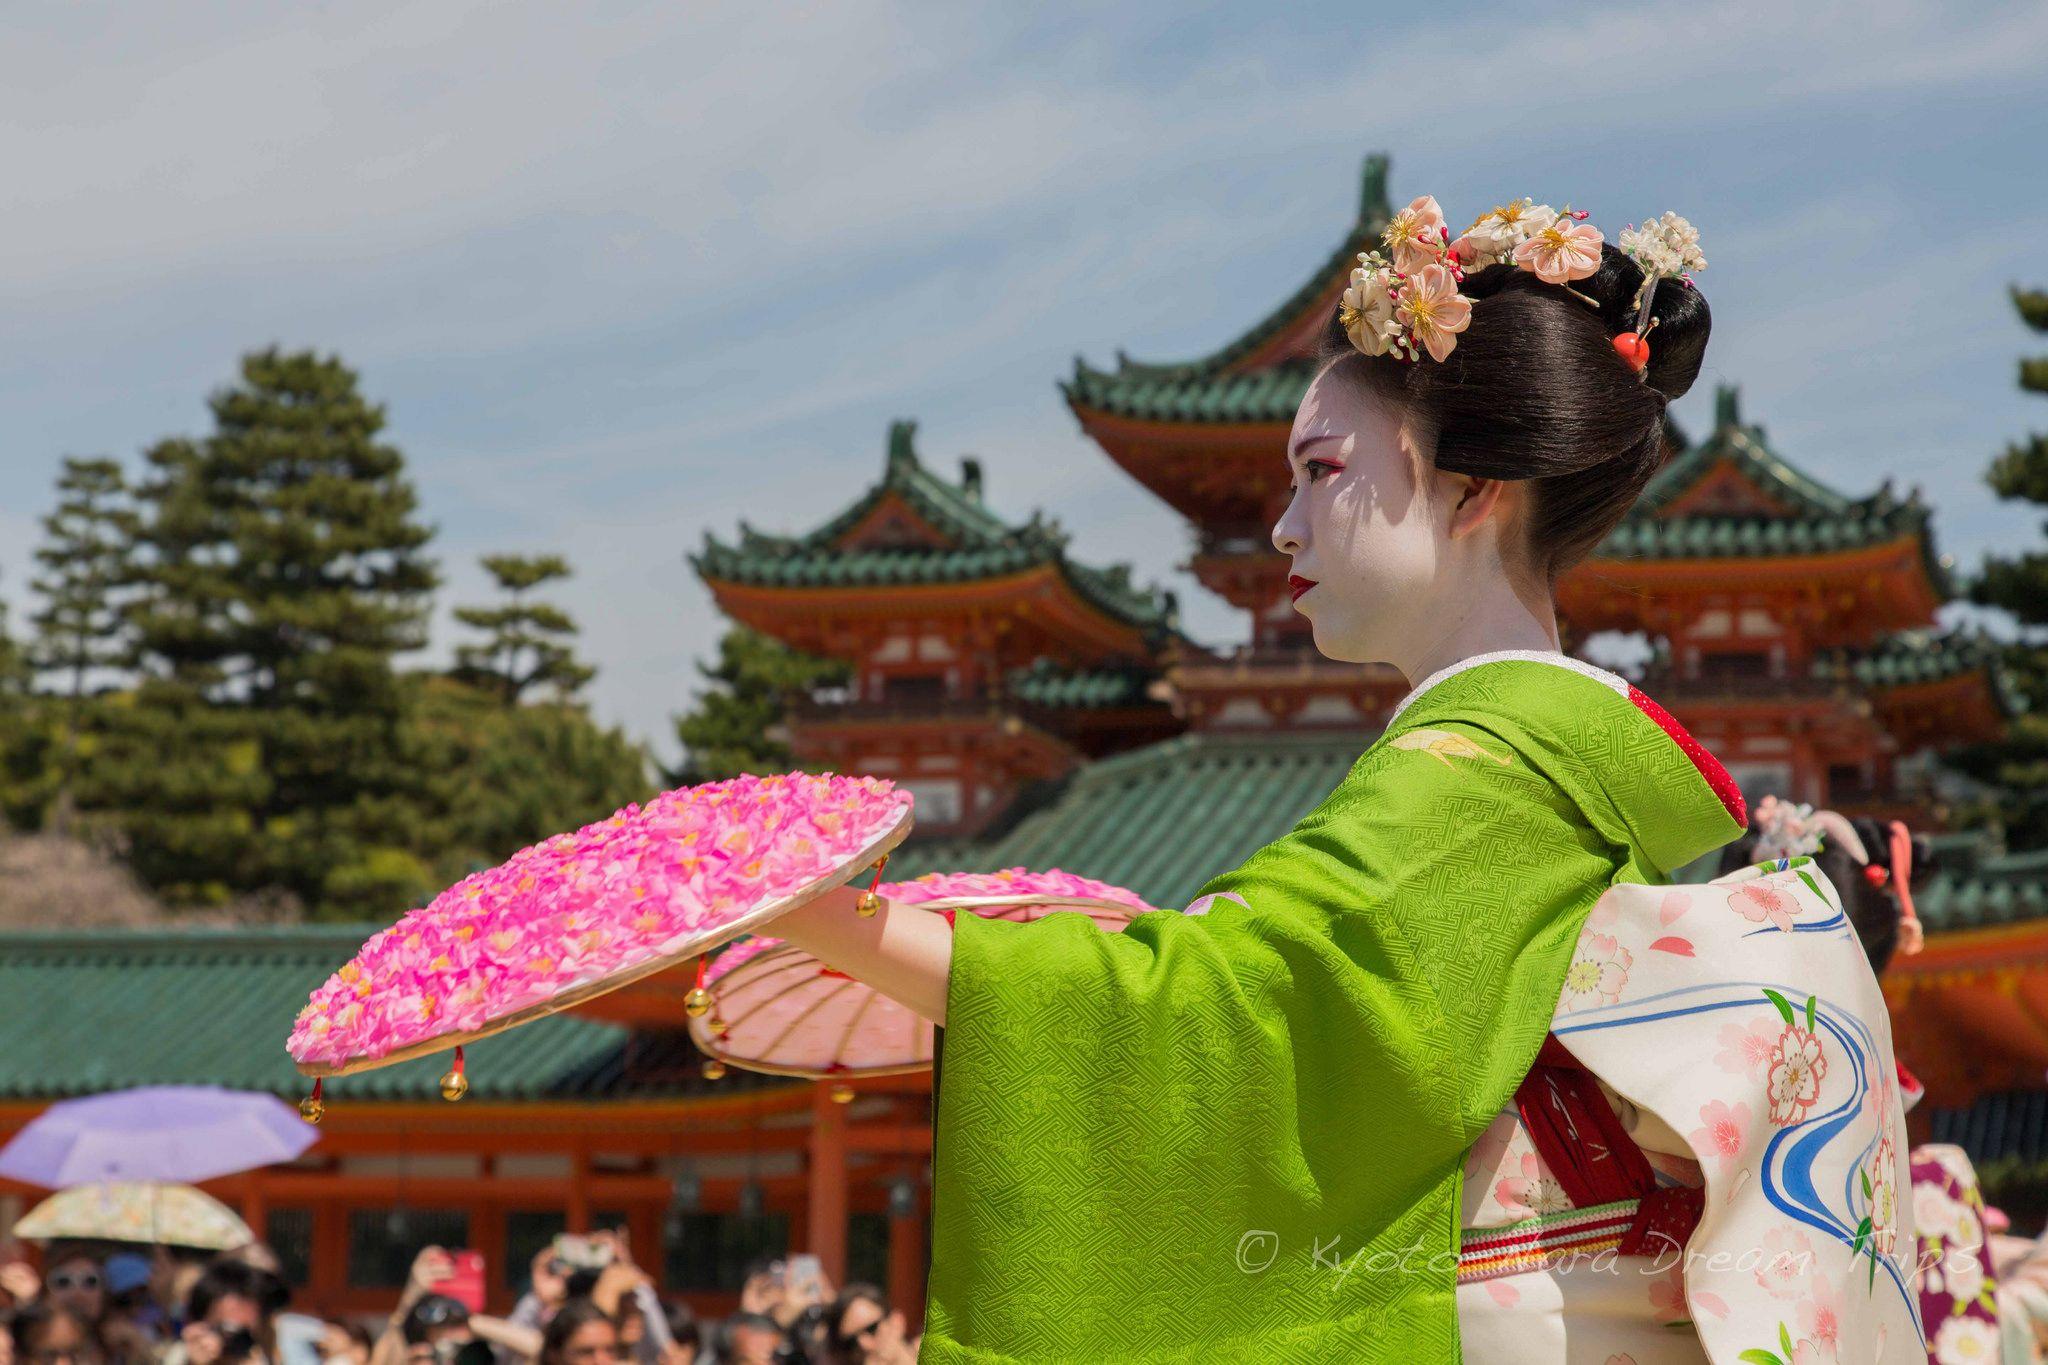 https://flic.kr/p/FoH73j | Heian Shrine: Reisai Festival in Kyoto.